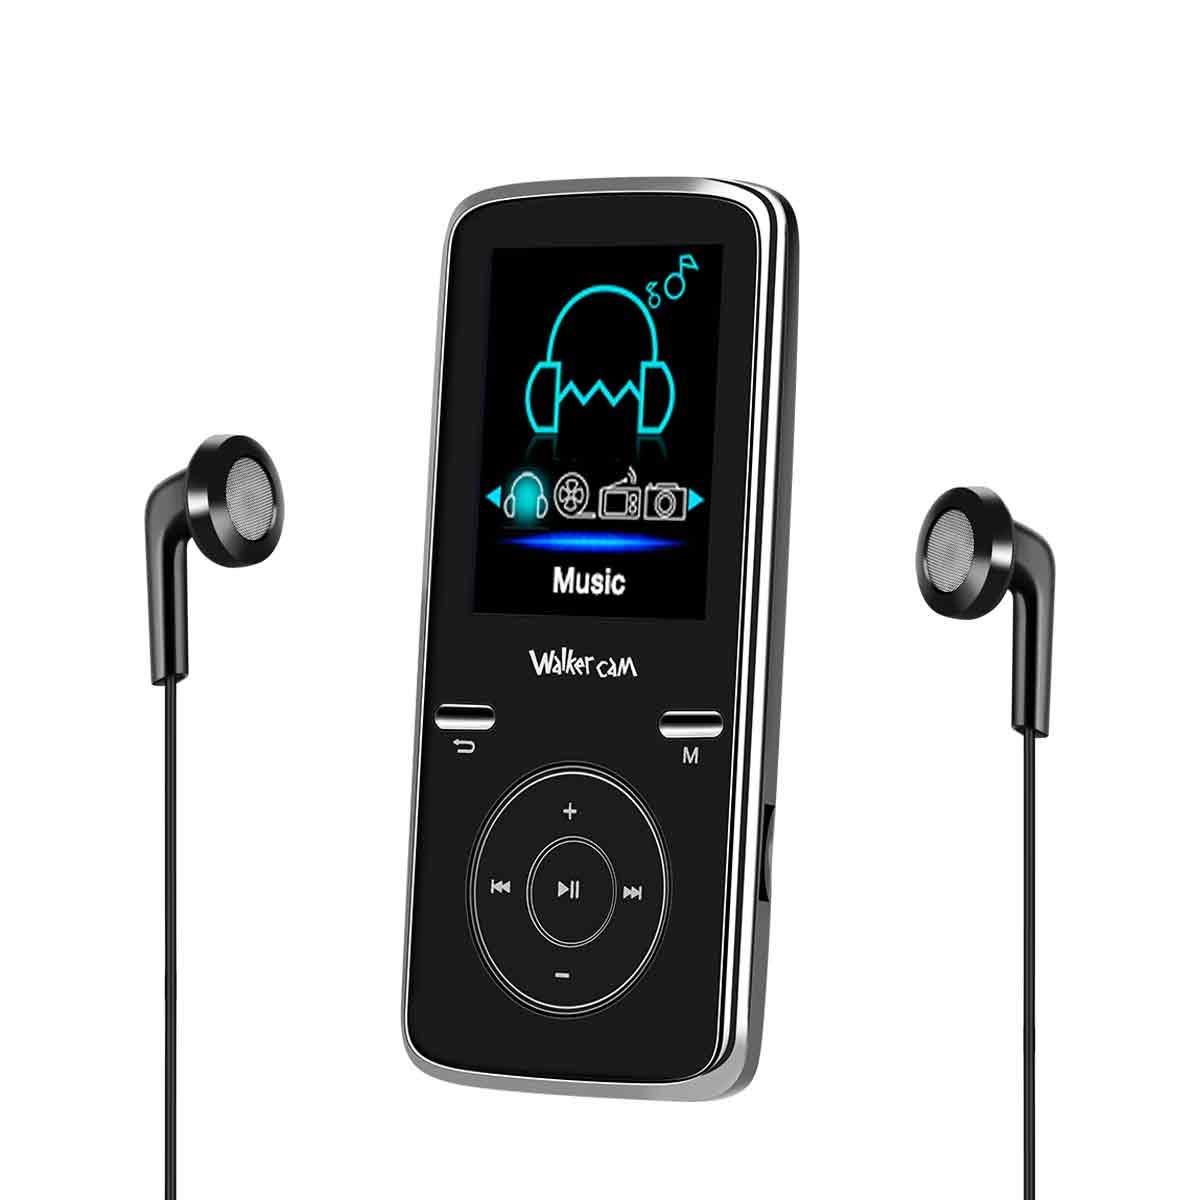 Walkercam M6 Reproductor de MP3 8GB Deporte portátil Sin pérdida de Sonido Hi-Fi Reproductor de música Digital con Auriculares Radio FM y grabadora de Voz, Ampliable hasta 32 GB